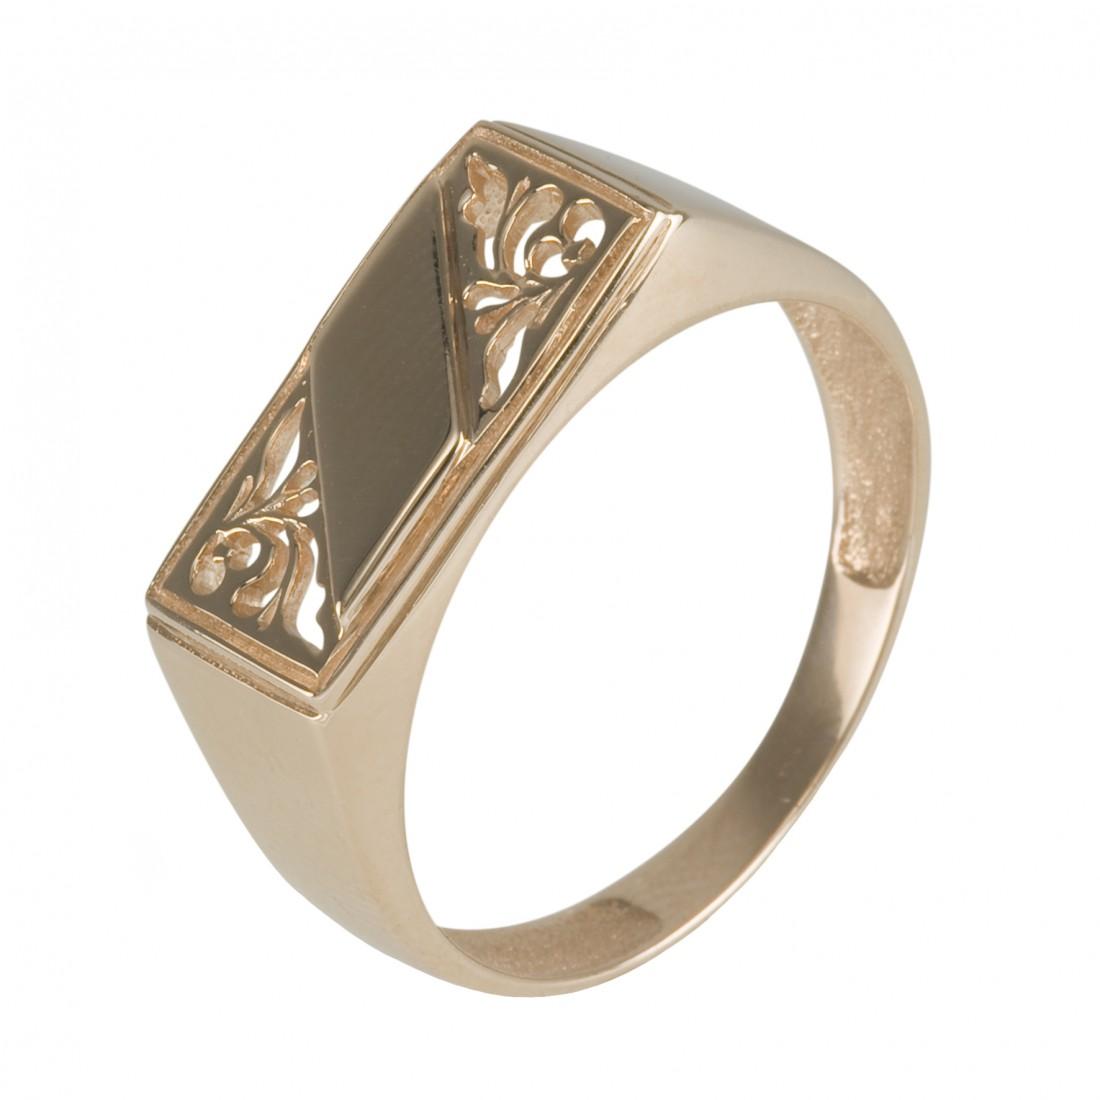 Модель:911179. Серебряное мужское кольцо (печатка) изготовлено из серебра 925 пробы и покрыто родием, что